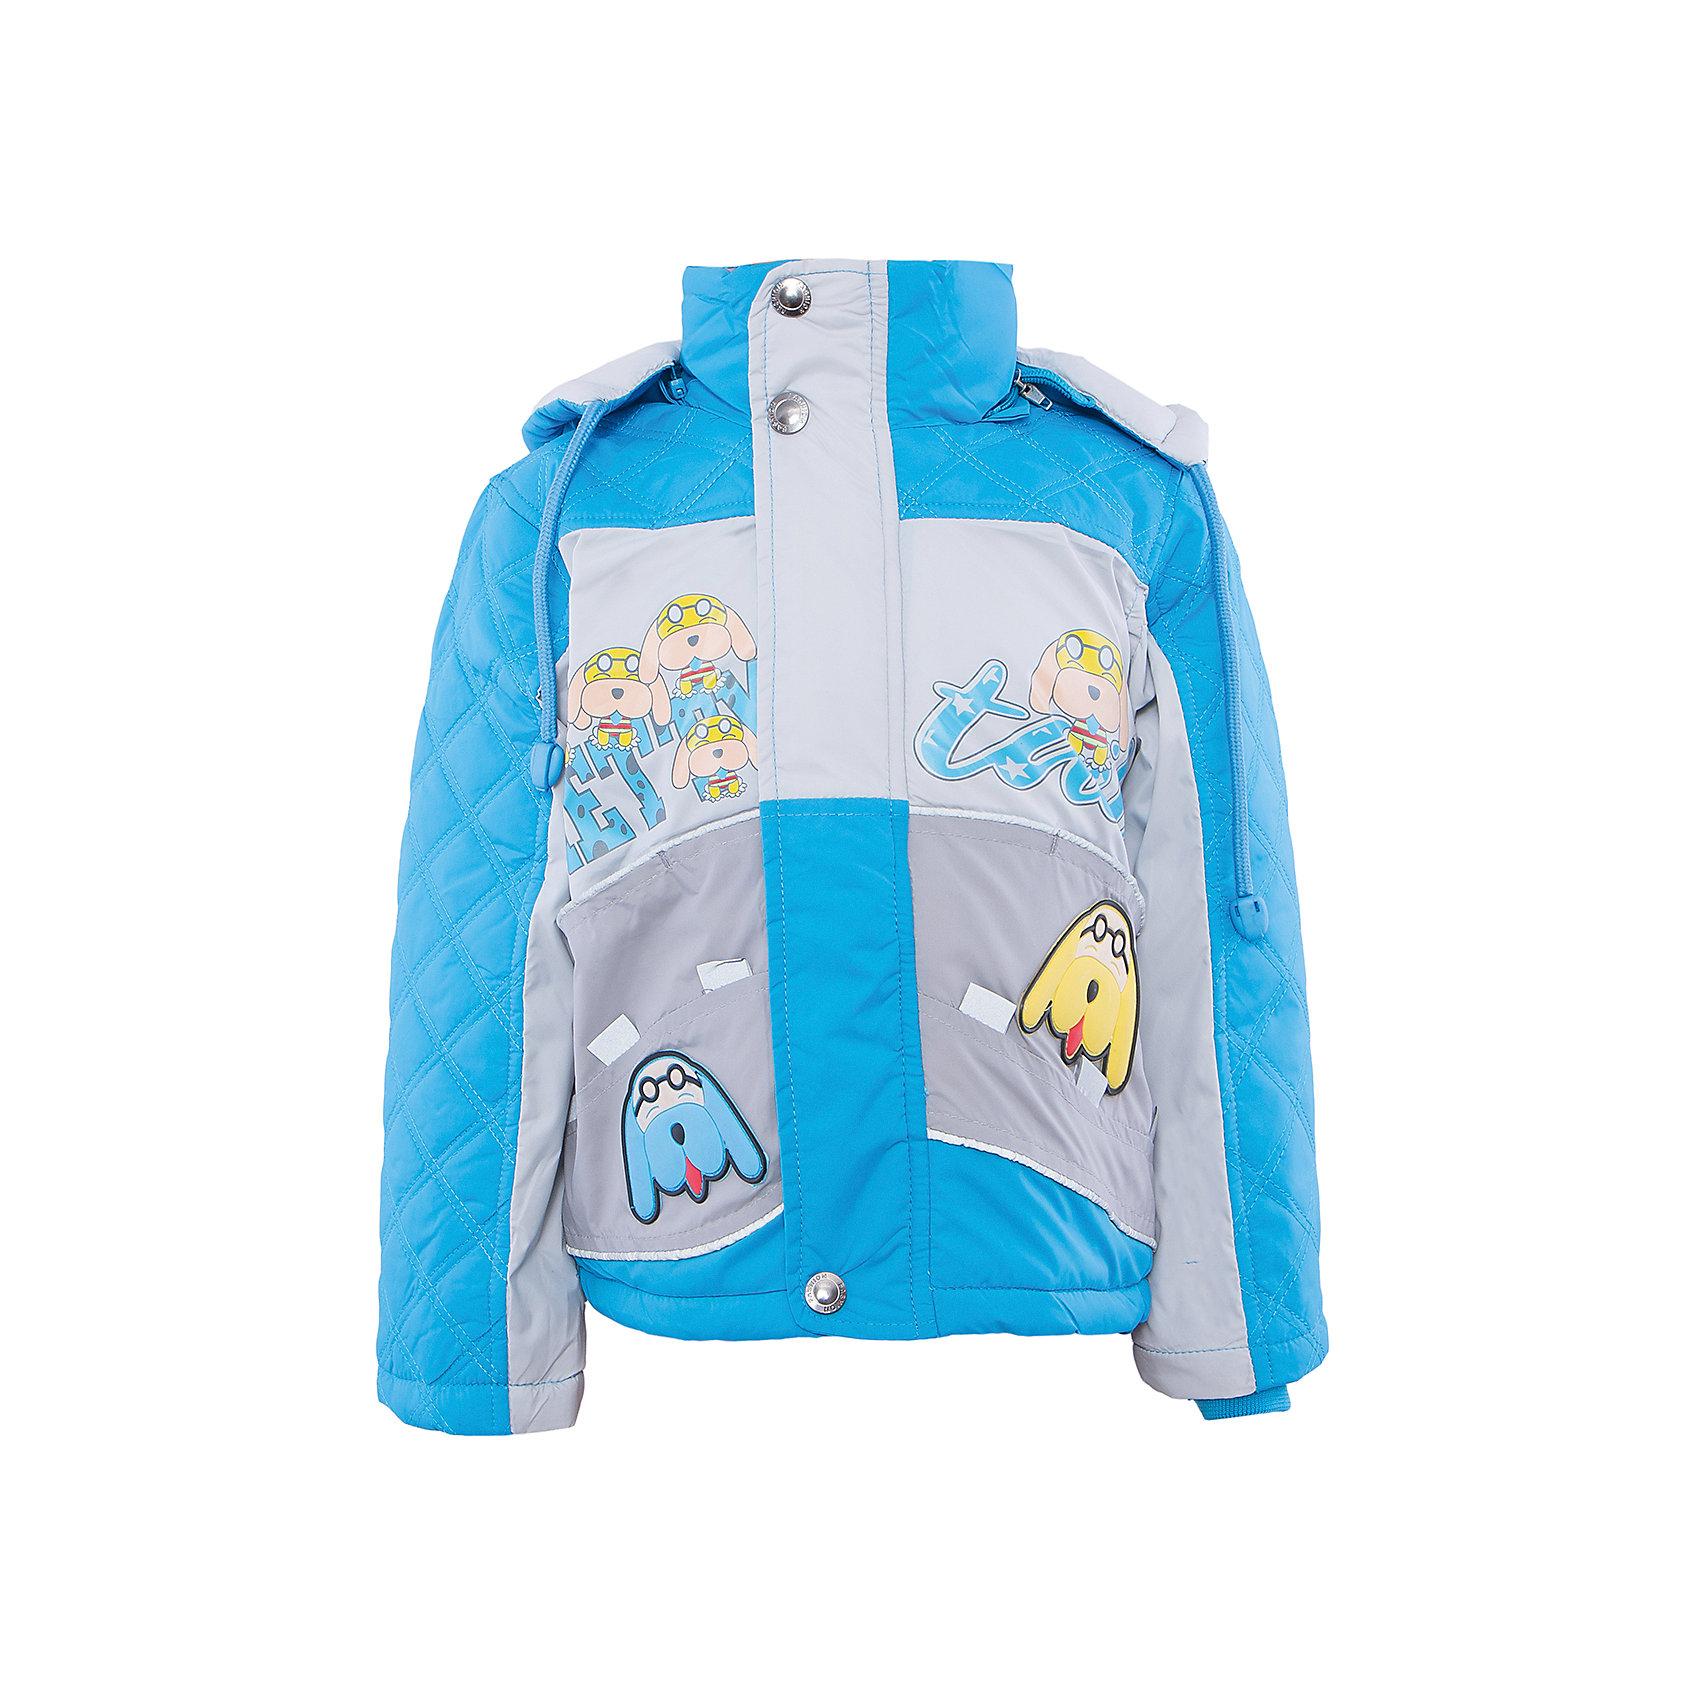 Куртка для мальчика DAUBERХарактеристики:<br><br>• Состав: 100%полиэстер.<br>• Цвет: голубой.<br>• Материал: текстиль.<br>• Температурный режим до -5 . *<br><br>* Температурный режим указан приблизительно — необходимо, прежде всего, ориентироваться на ощущения ребенка. <br><br>Куртка для мальчика DAUBER от российского бренда DAUBER.<br>Яркая куртка голубого цвета выполнена из синтетического материала. Застегивается куртка на молнию, также имеется дополнительный клапан с кнопками. Капюшон, затягивающийся на шнурок, надежно защитит Вашего малыша от ветра и непогоды. Оригинальный забавный принт – собачки ,не оставит равнодушным вашего малыша. <br><br>Куртка для мальчика DAUBER, можно купить в нашем интернет - магазине.<br><br>Ширина мм: 356<br>Глубина мм: 10<br>Высота мм: 245<br>Вес г: 519<br>Цвет: серый/синий<br>Возраст от месяцев: 60<br>Возраст до месяцев: 72<br>Пол: Мужской<br>Возраст: Детский<br>Размер: 116,92,98,104,110<br>SKU: 4987480